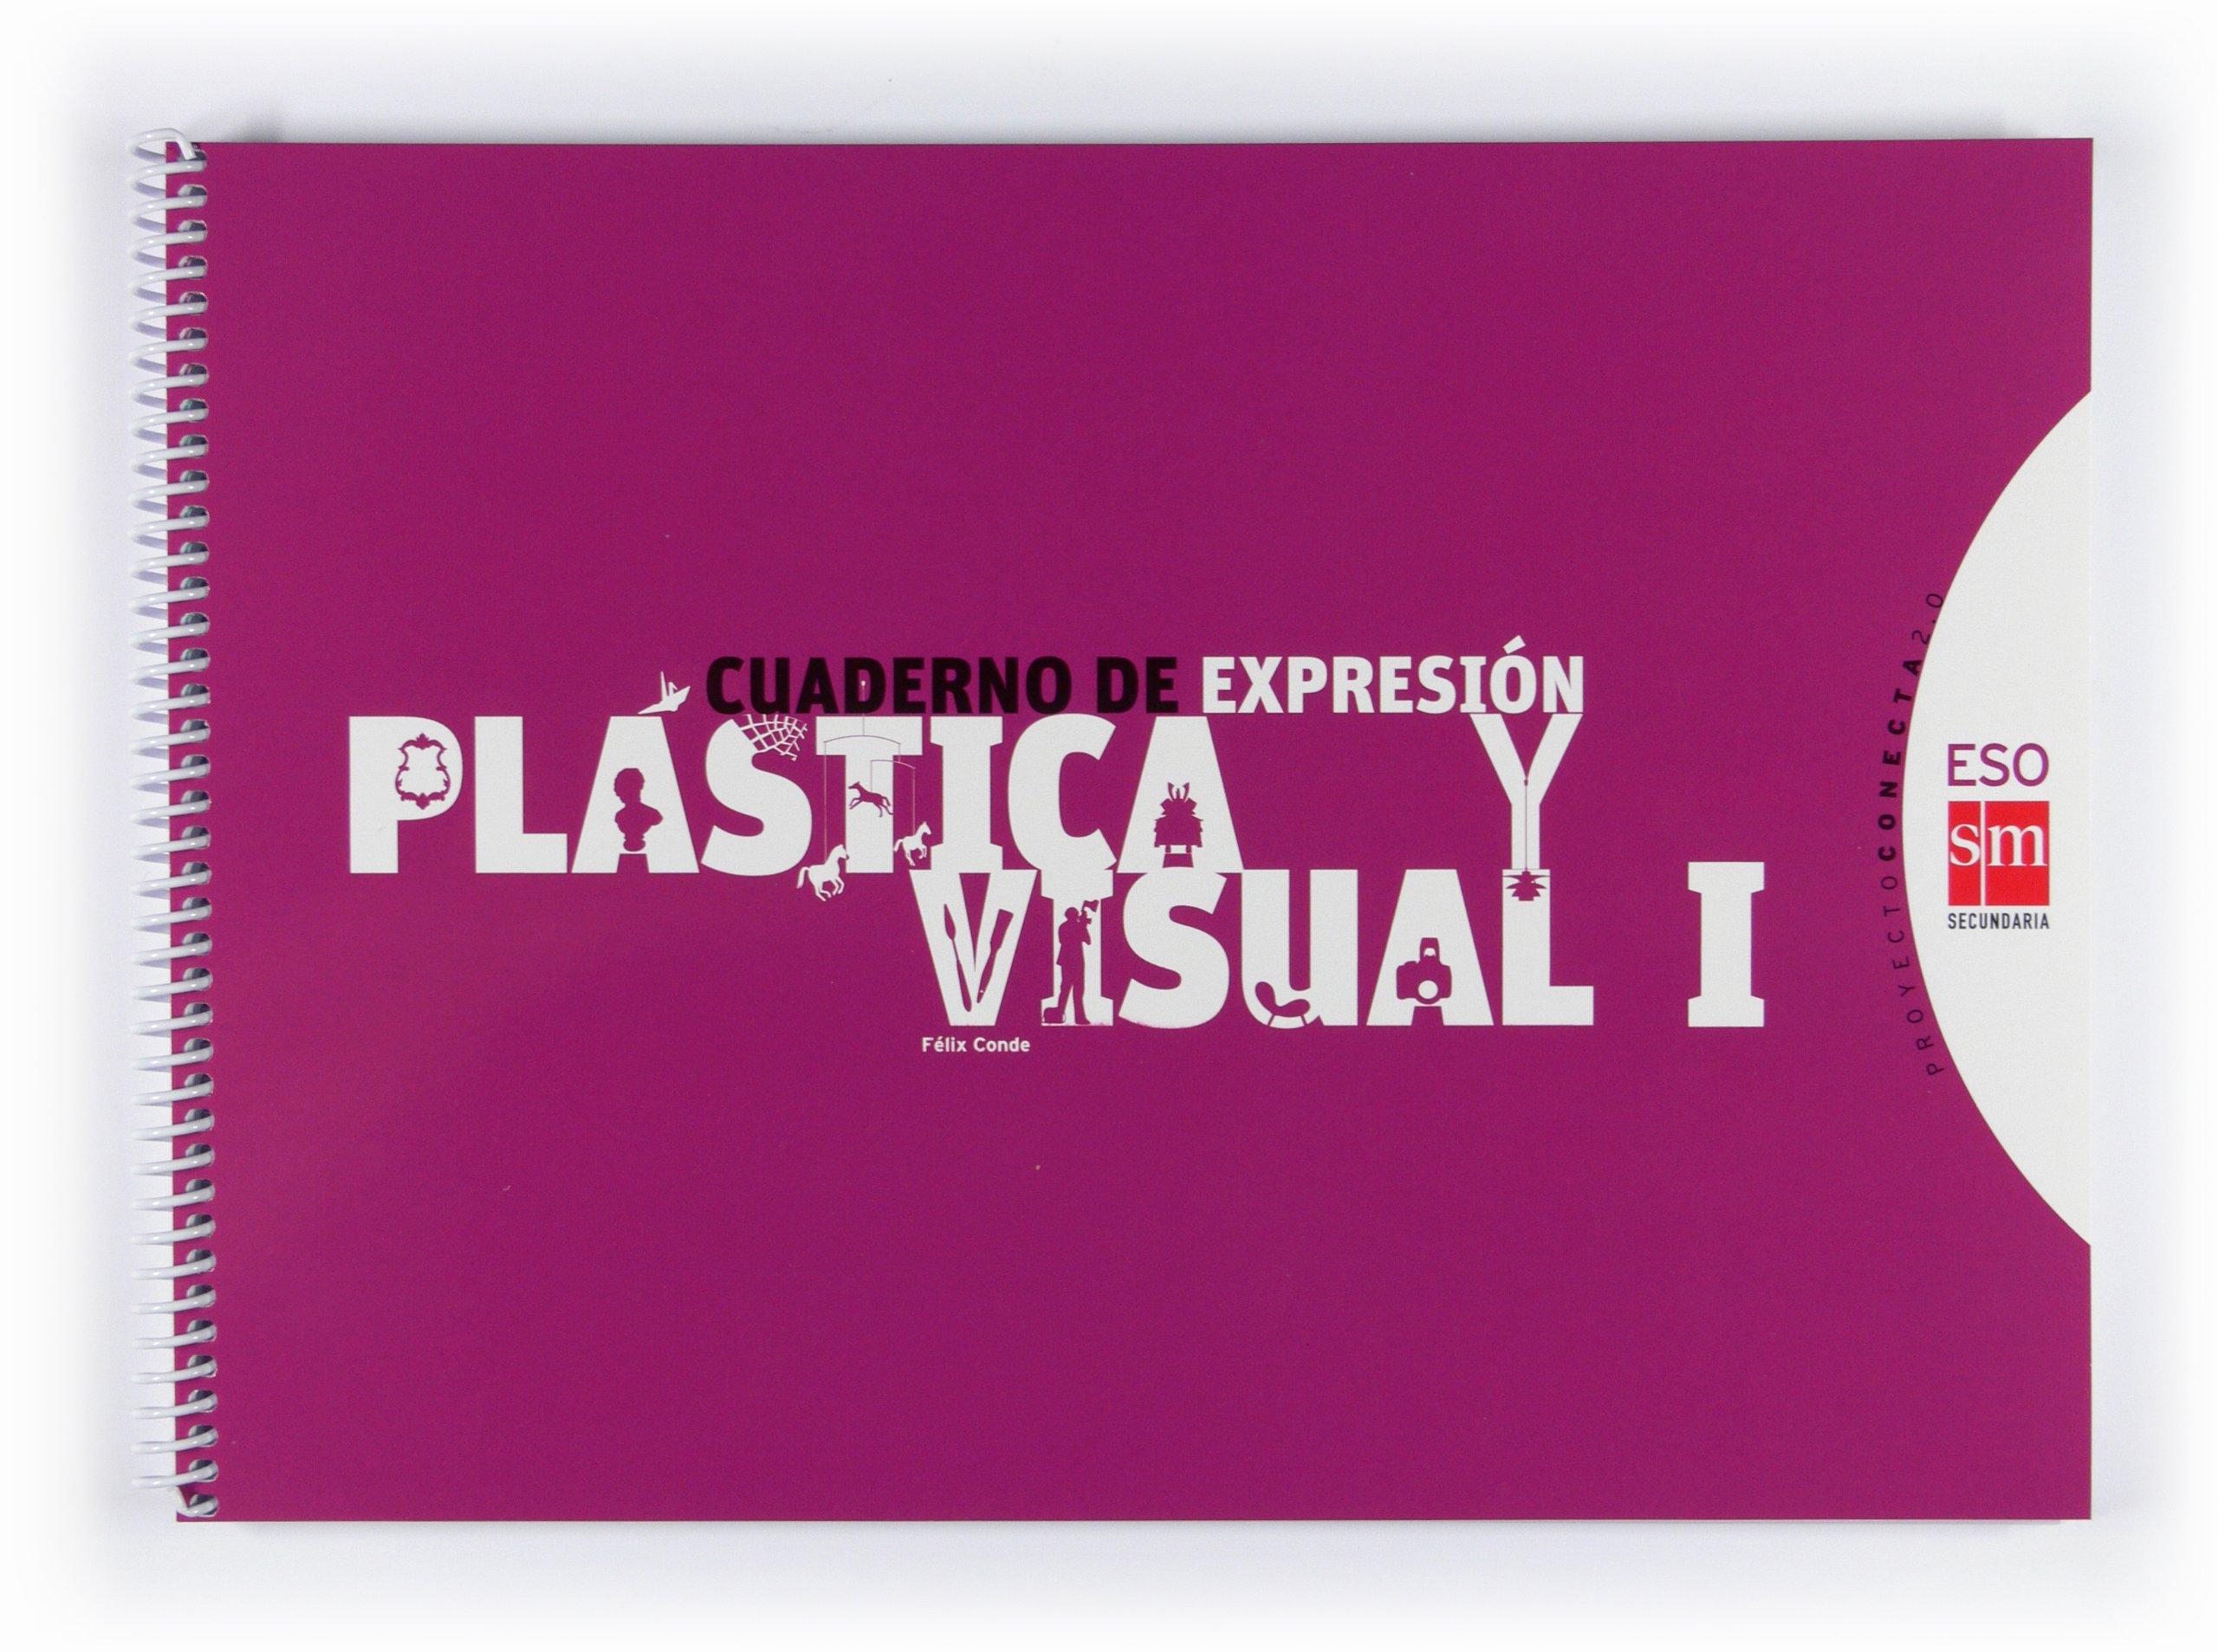 Cuaderno de expresión plástica y visual I. ESO. Conecta 2.0 - 9788467540833: Amazon.es: Conde Miranda, Félix, Conde Miranda, Félix, Haciendo el León, Estudio, Pedrosa Pérez, José Manuel: Libros